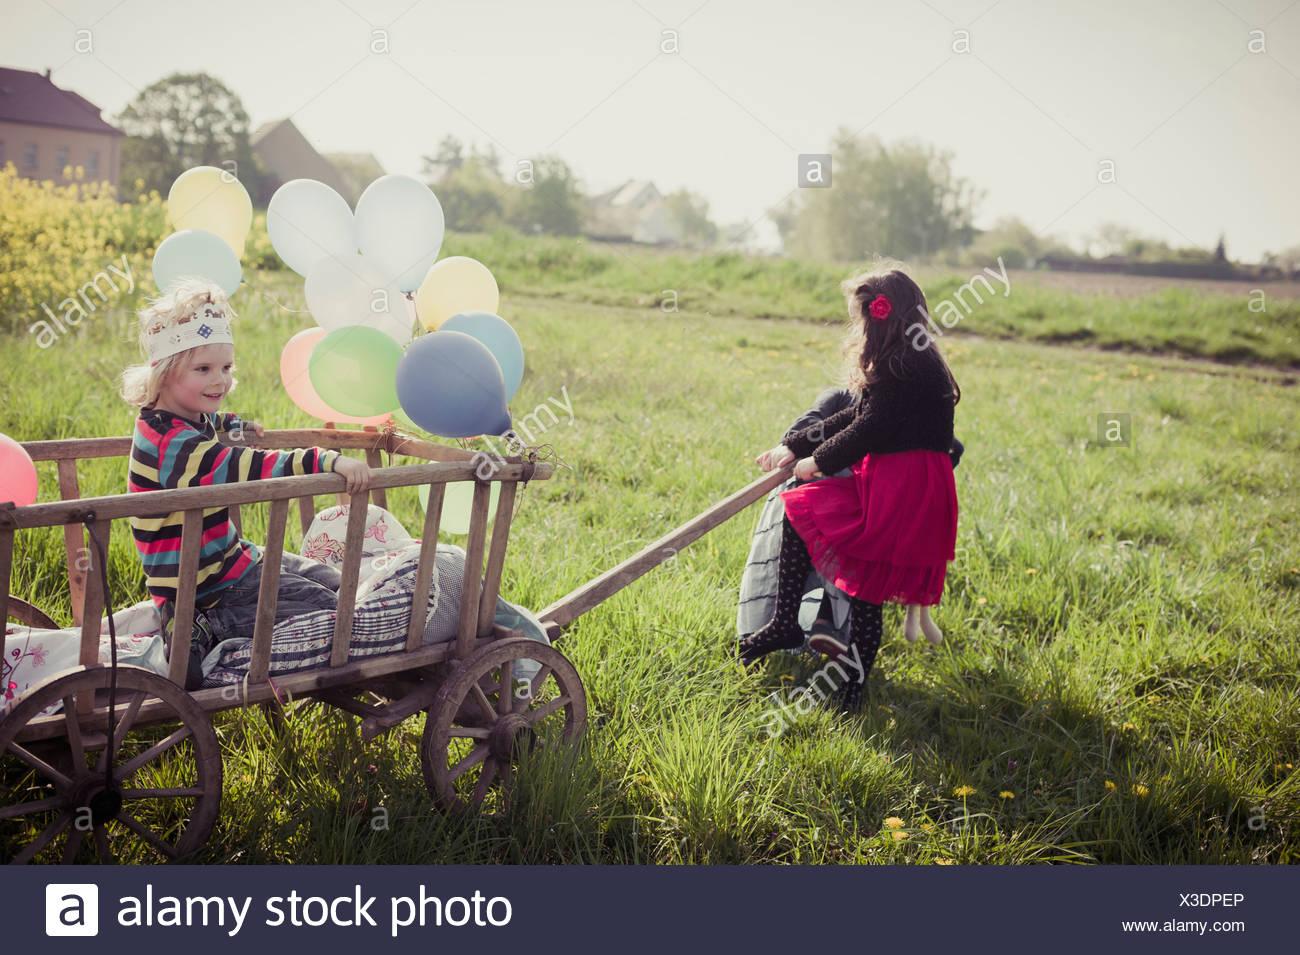 Tre bambini in movimento con carrello in legno e palloncini Immagini Stock